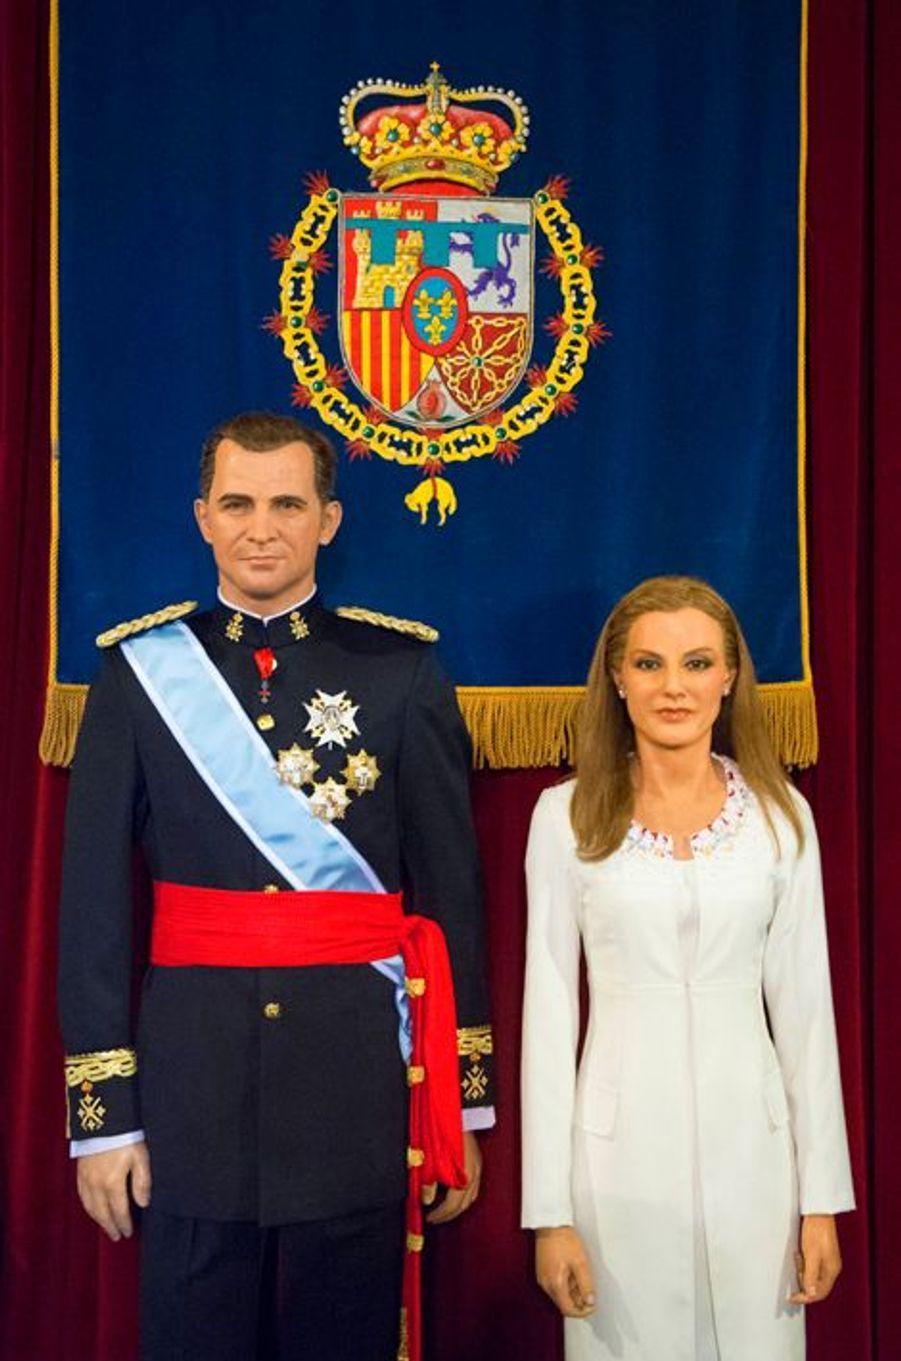 Les statues de cire du roi Felipe VI et de la reine Letizia au Museo de Cera à Madrid, dévoilées le 12 octobre 2014